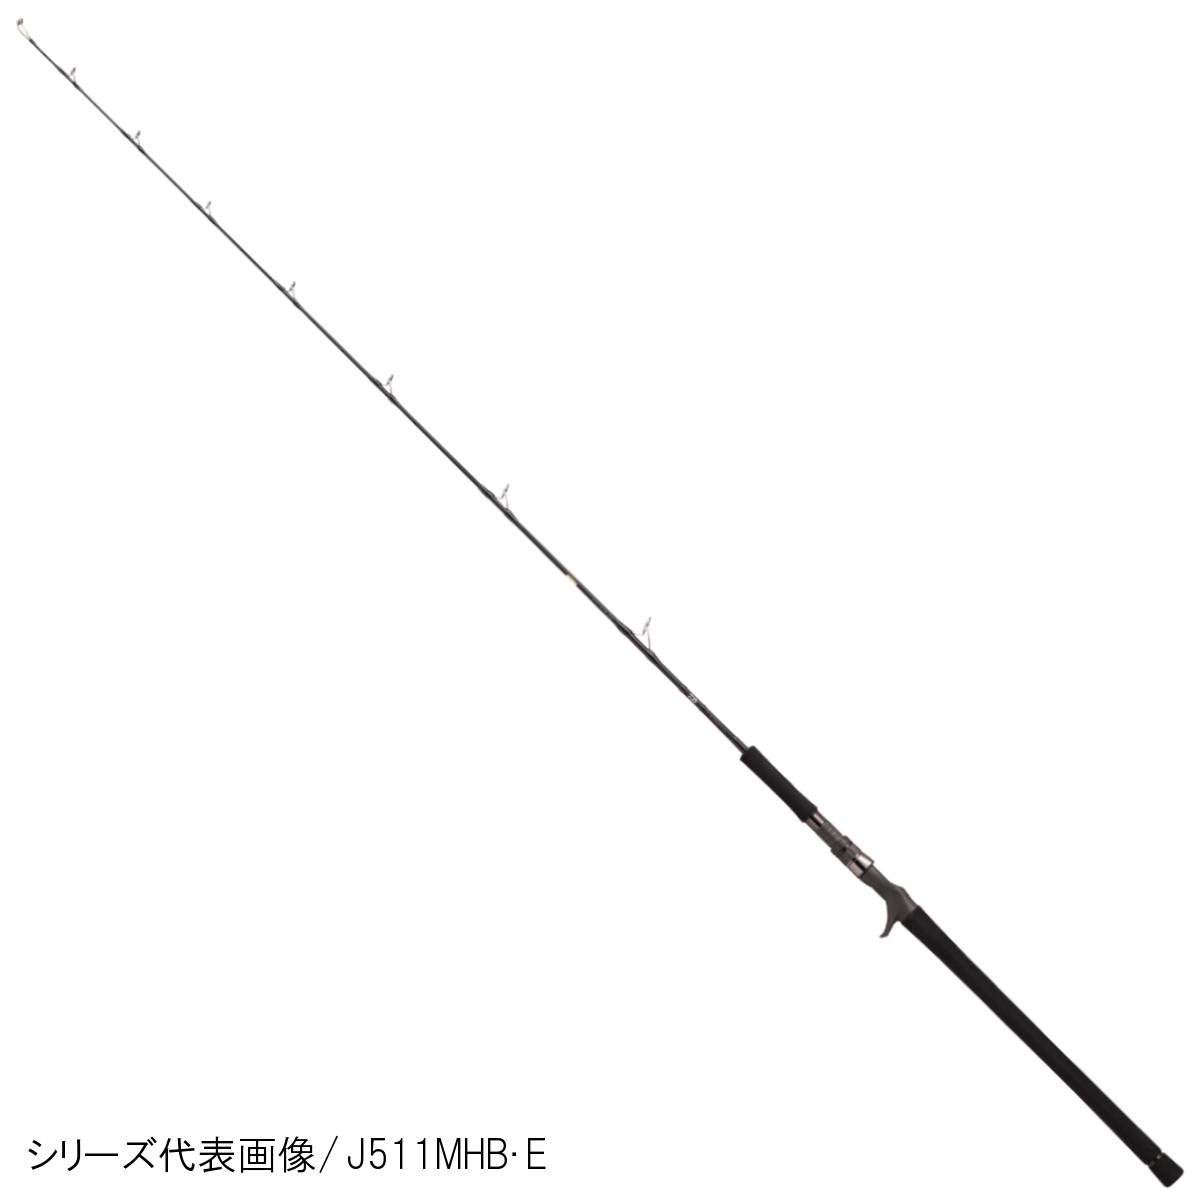 ダイワ キャタリナ J60MB・E【大型商品】